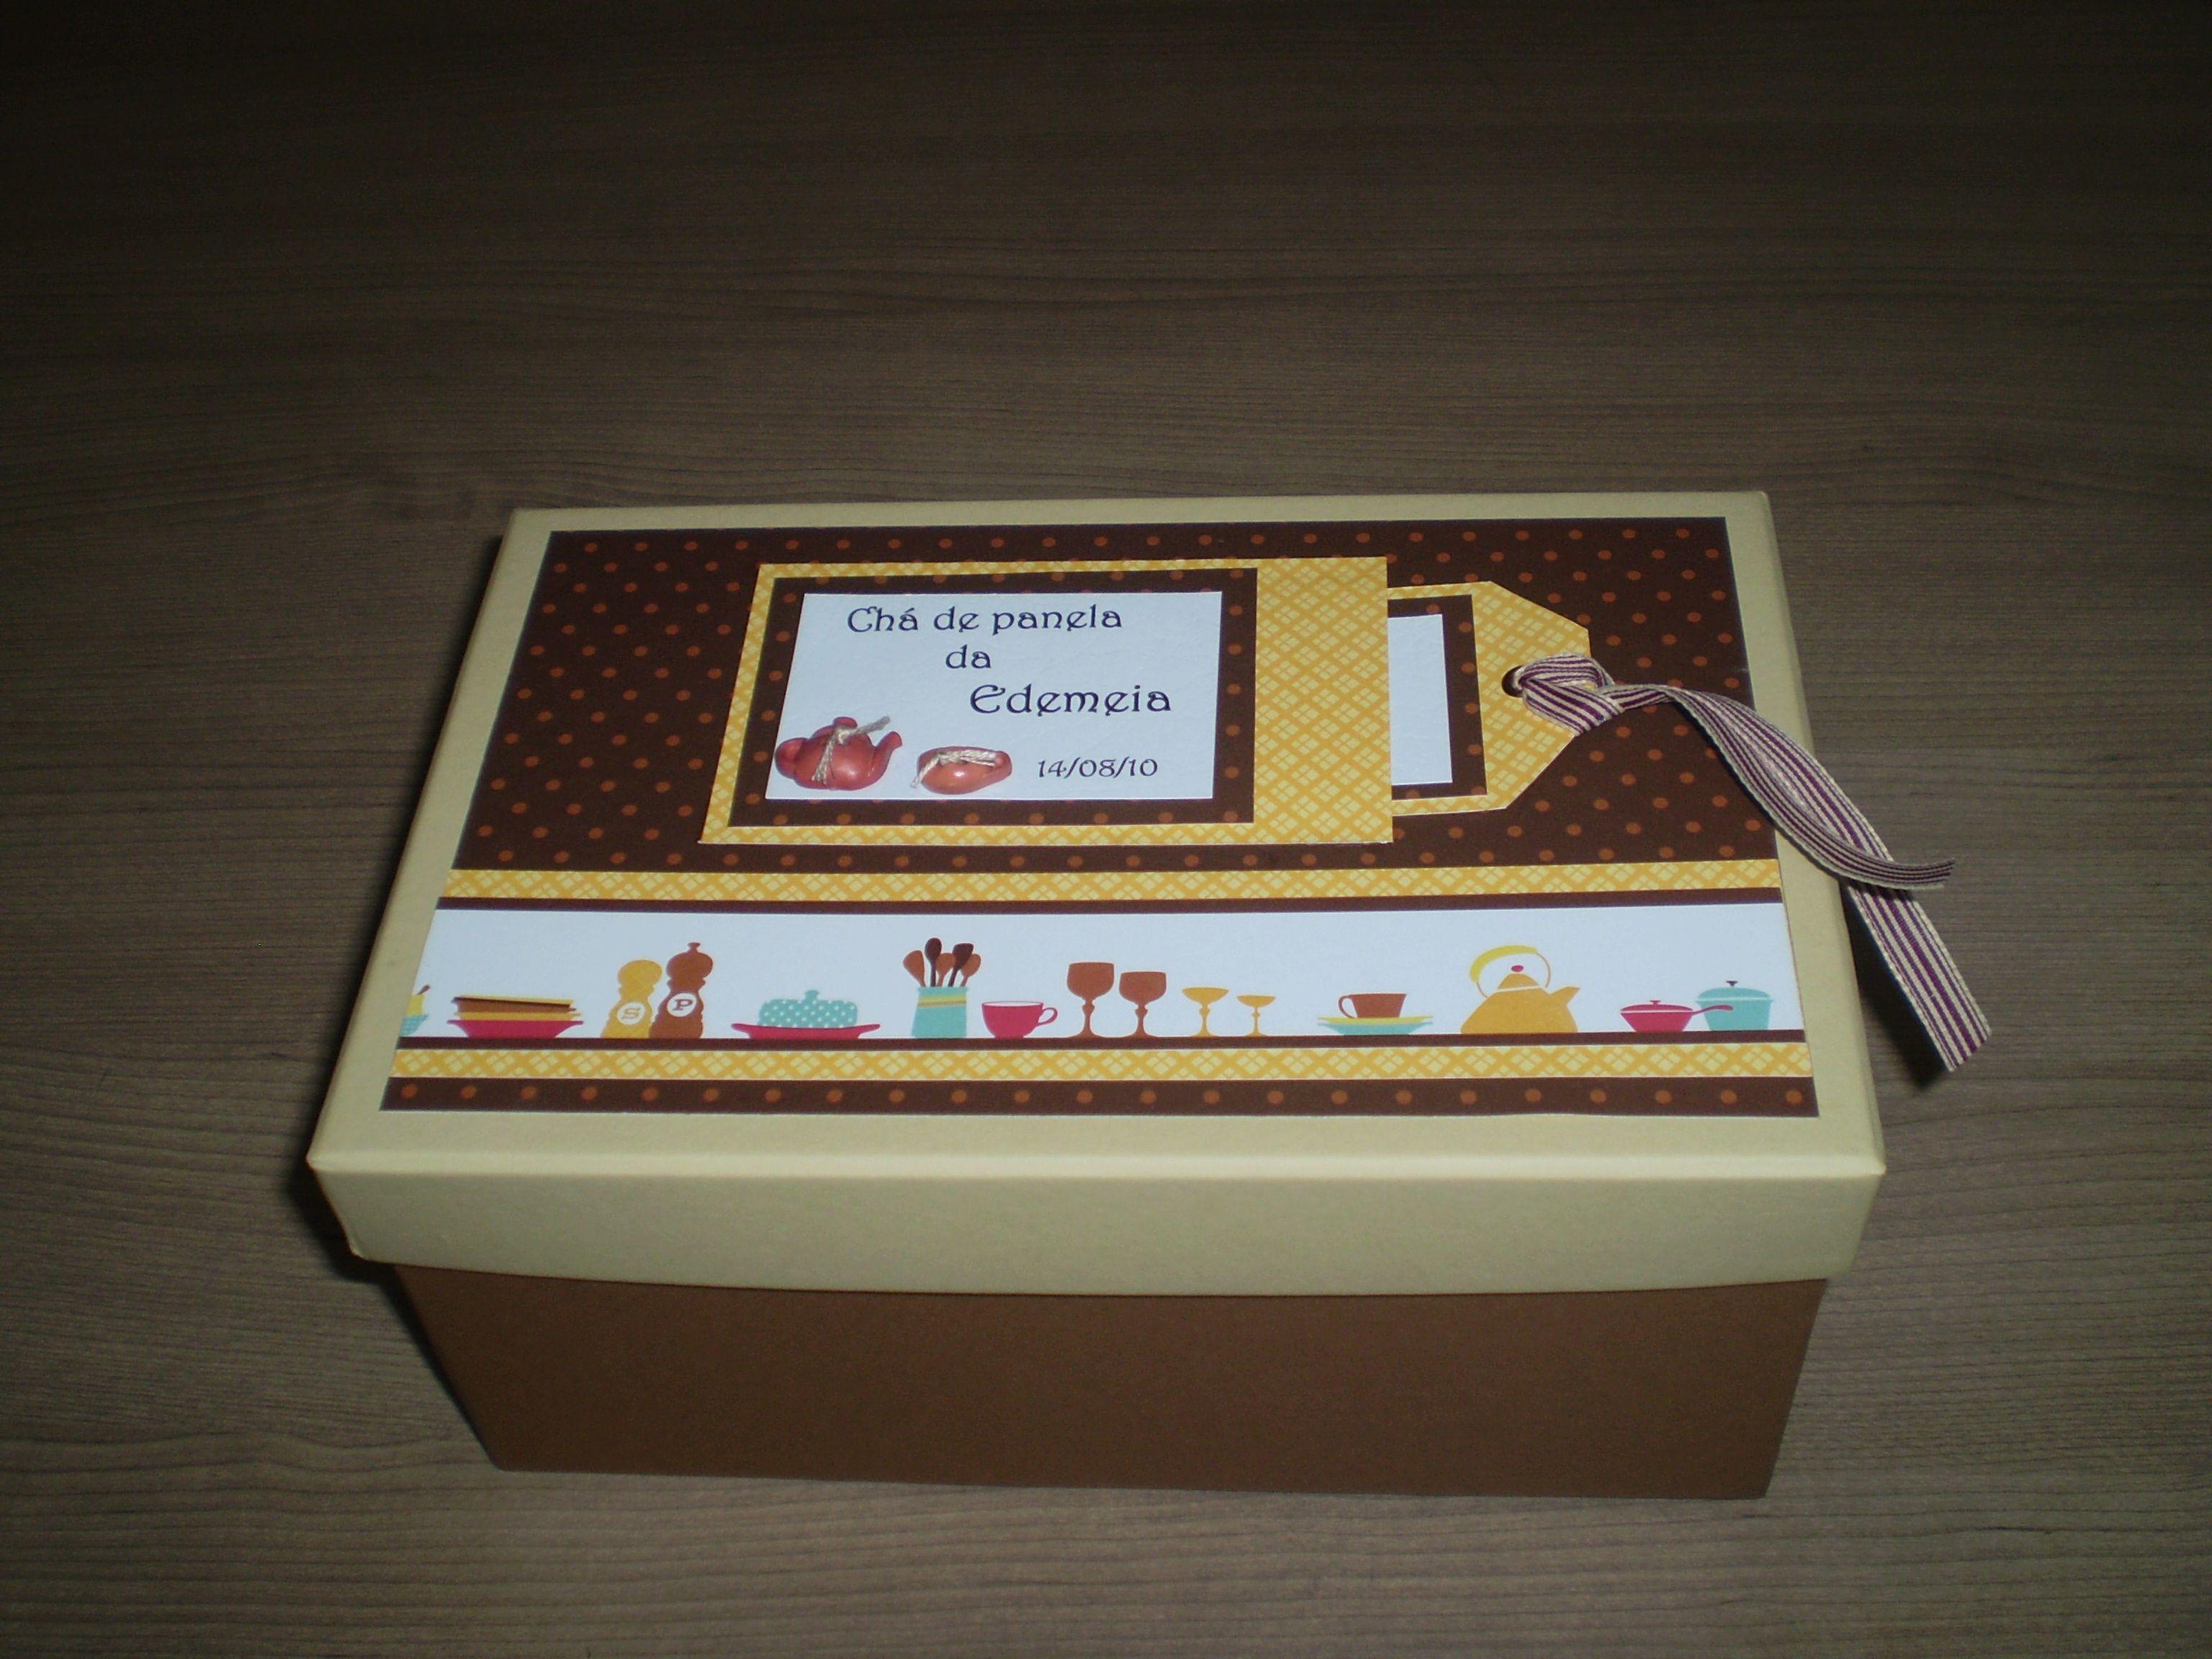 caixa para convites Chá de panela